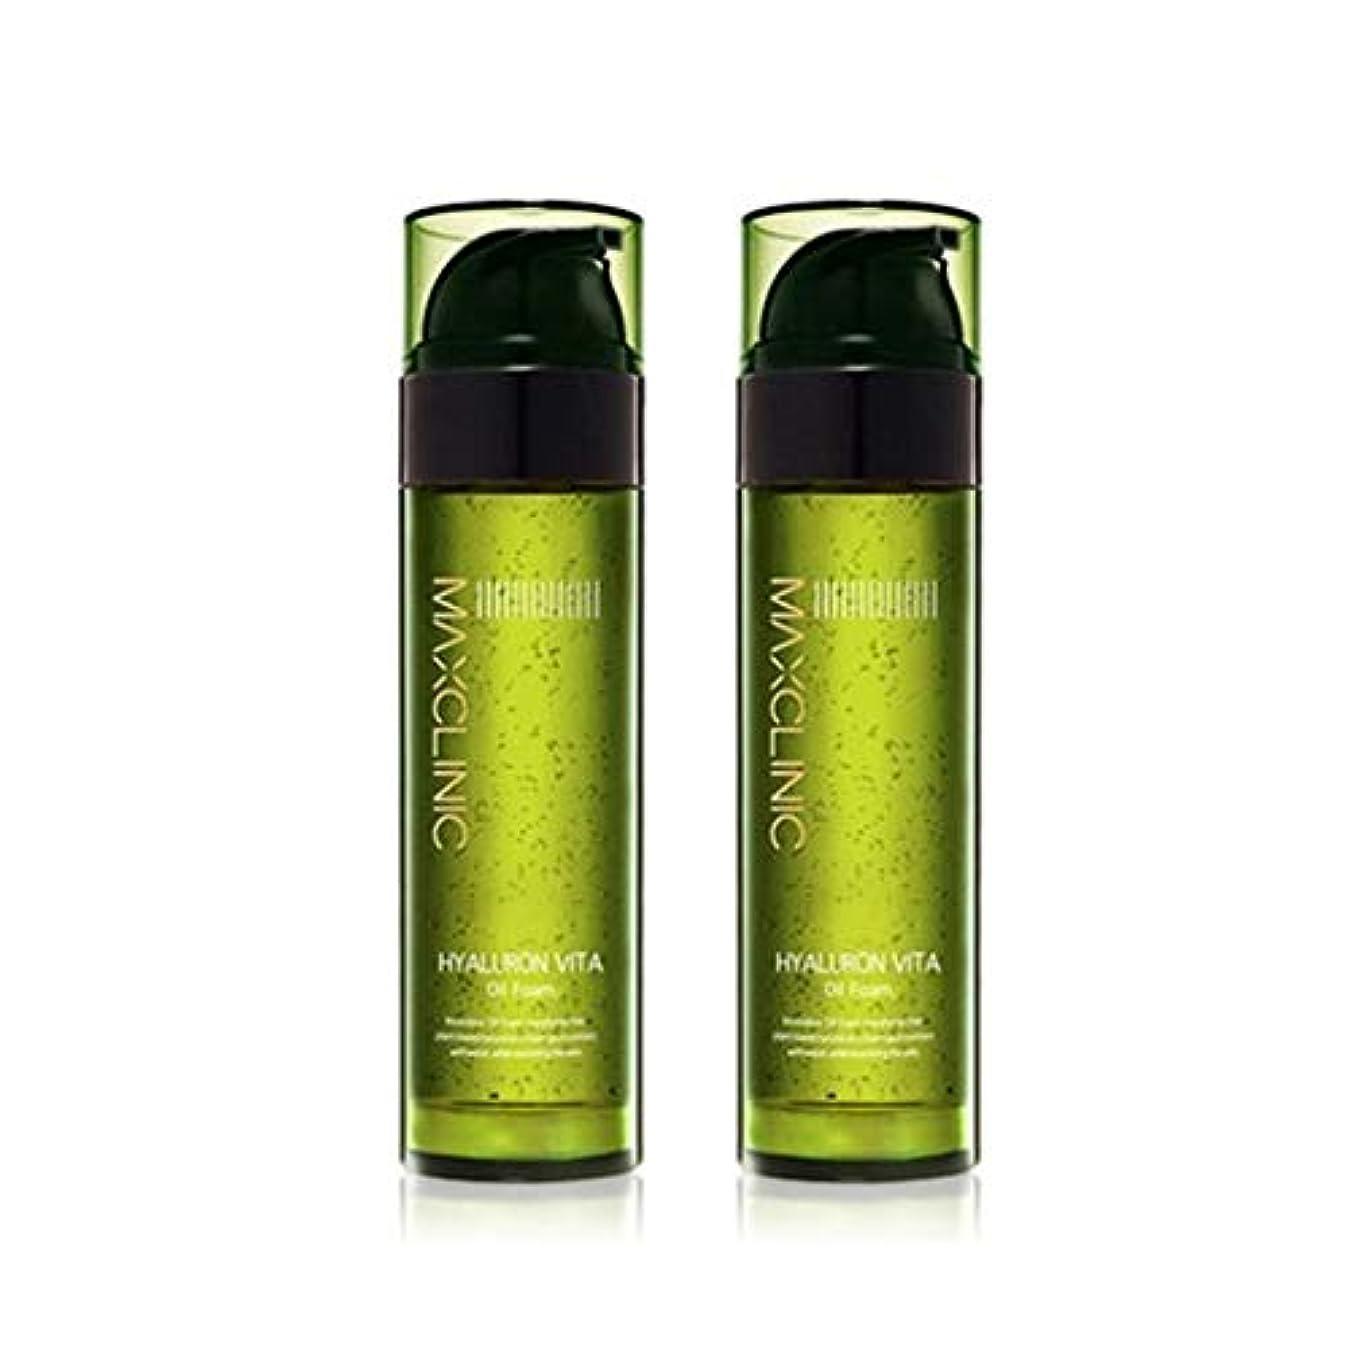 争うタイマー試用マックスクリニックヒアルロンヴィータオイルフォーム110gx2本セット韓国コスメ、Maxclinic Hyaluronic Acid Vita Oil Foam 110g x 2ea Set Korean Cosmetics...